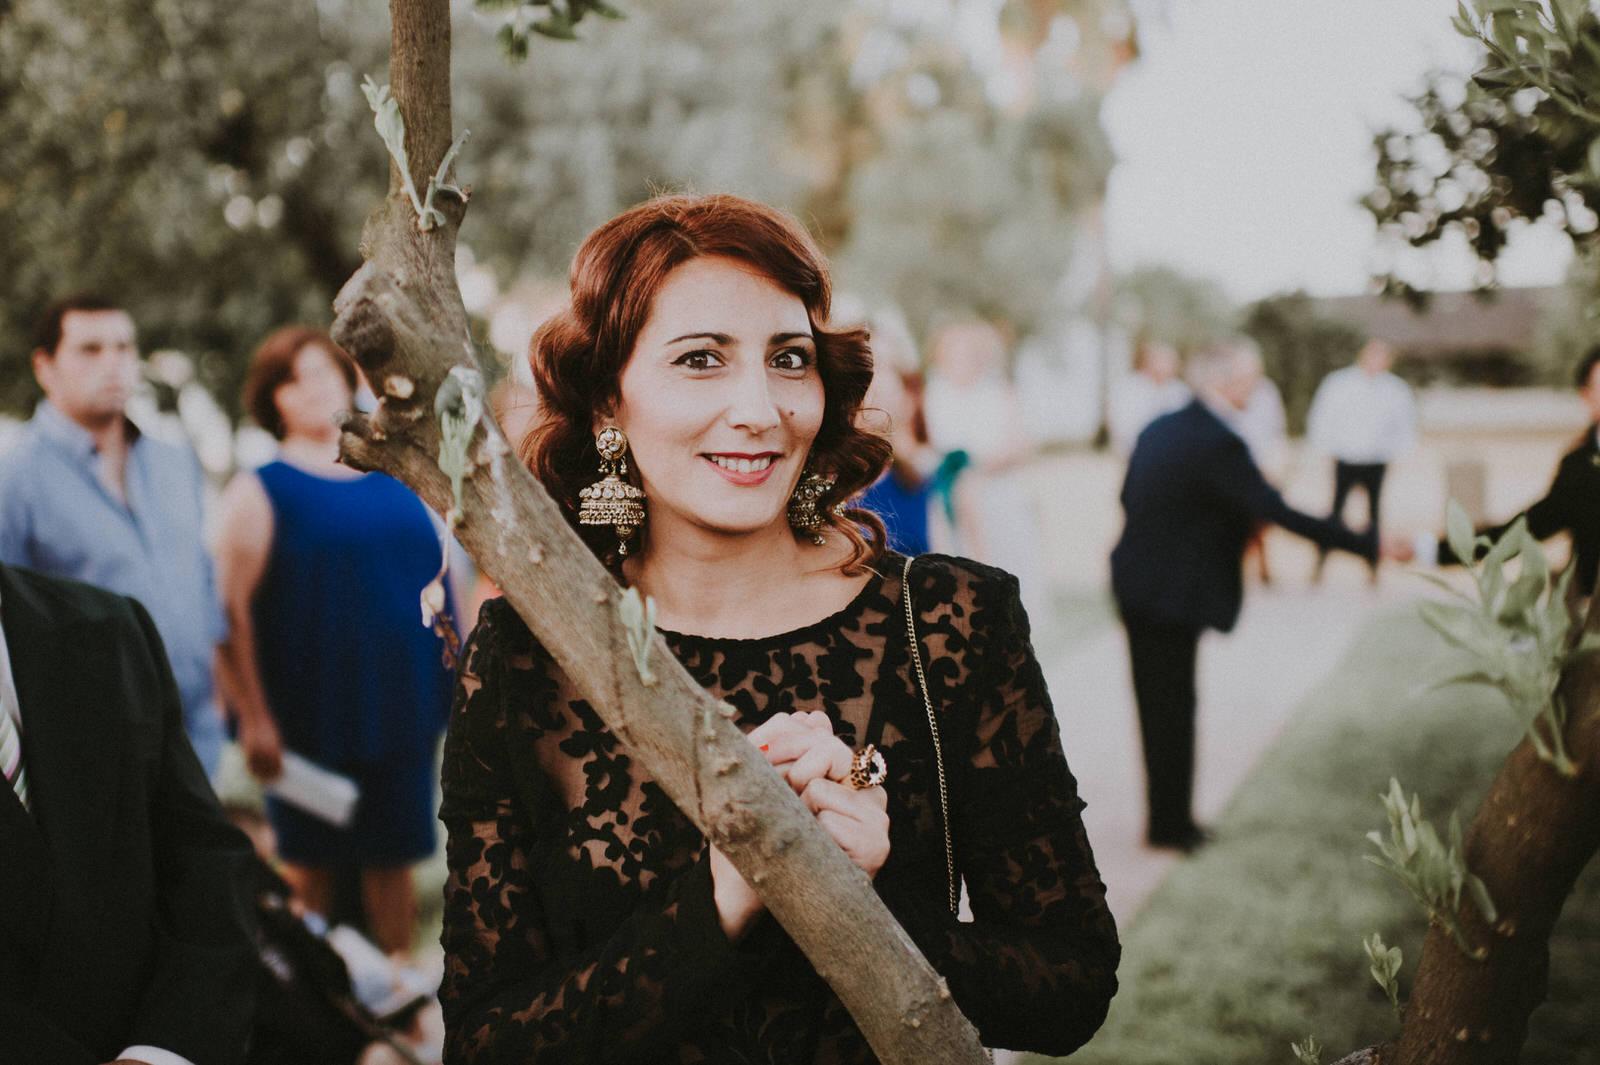 Fotografo de boda en Utrera- Hacienda Cerca de Aragon - María & Antonio - Andrés Amarillo (11).JPG